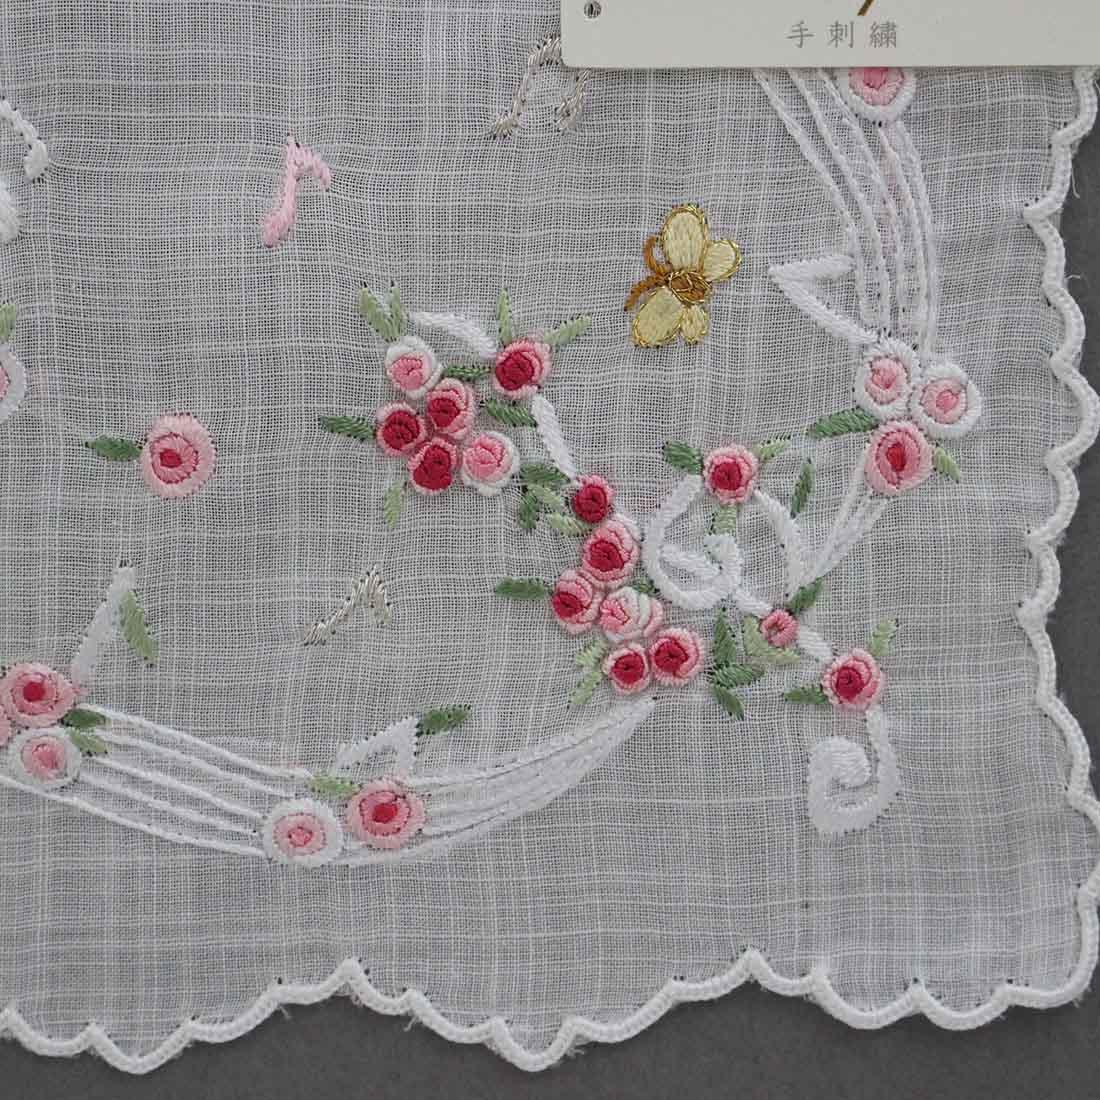 【送料無料】ベトナム手刺繍ハンカチ 花と音符 2214 ピンク